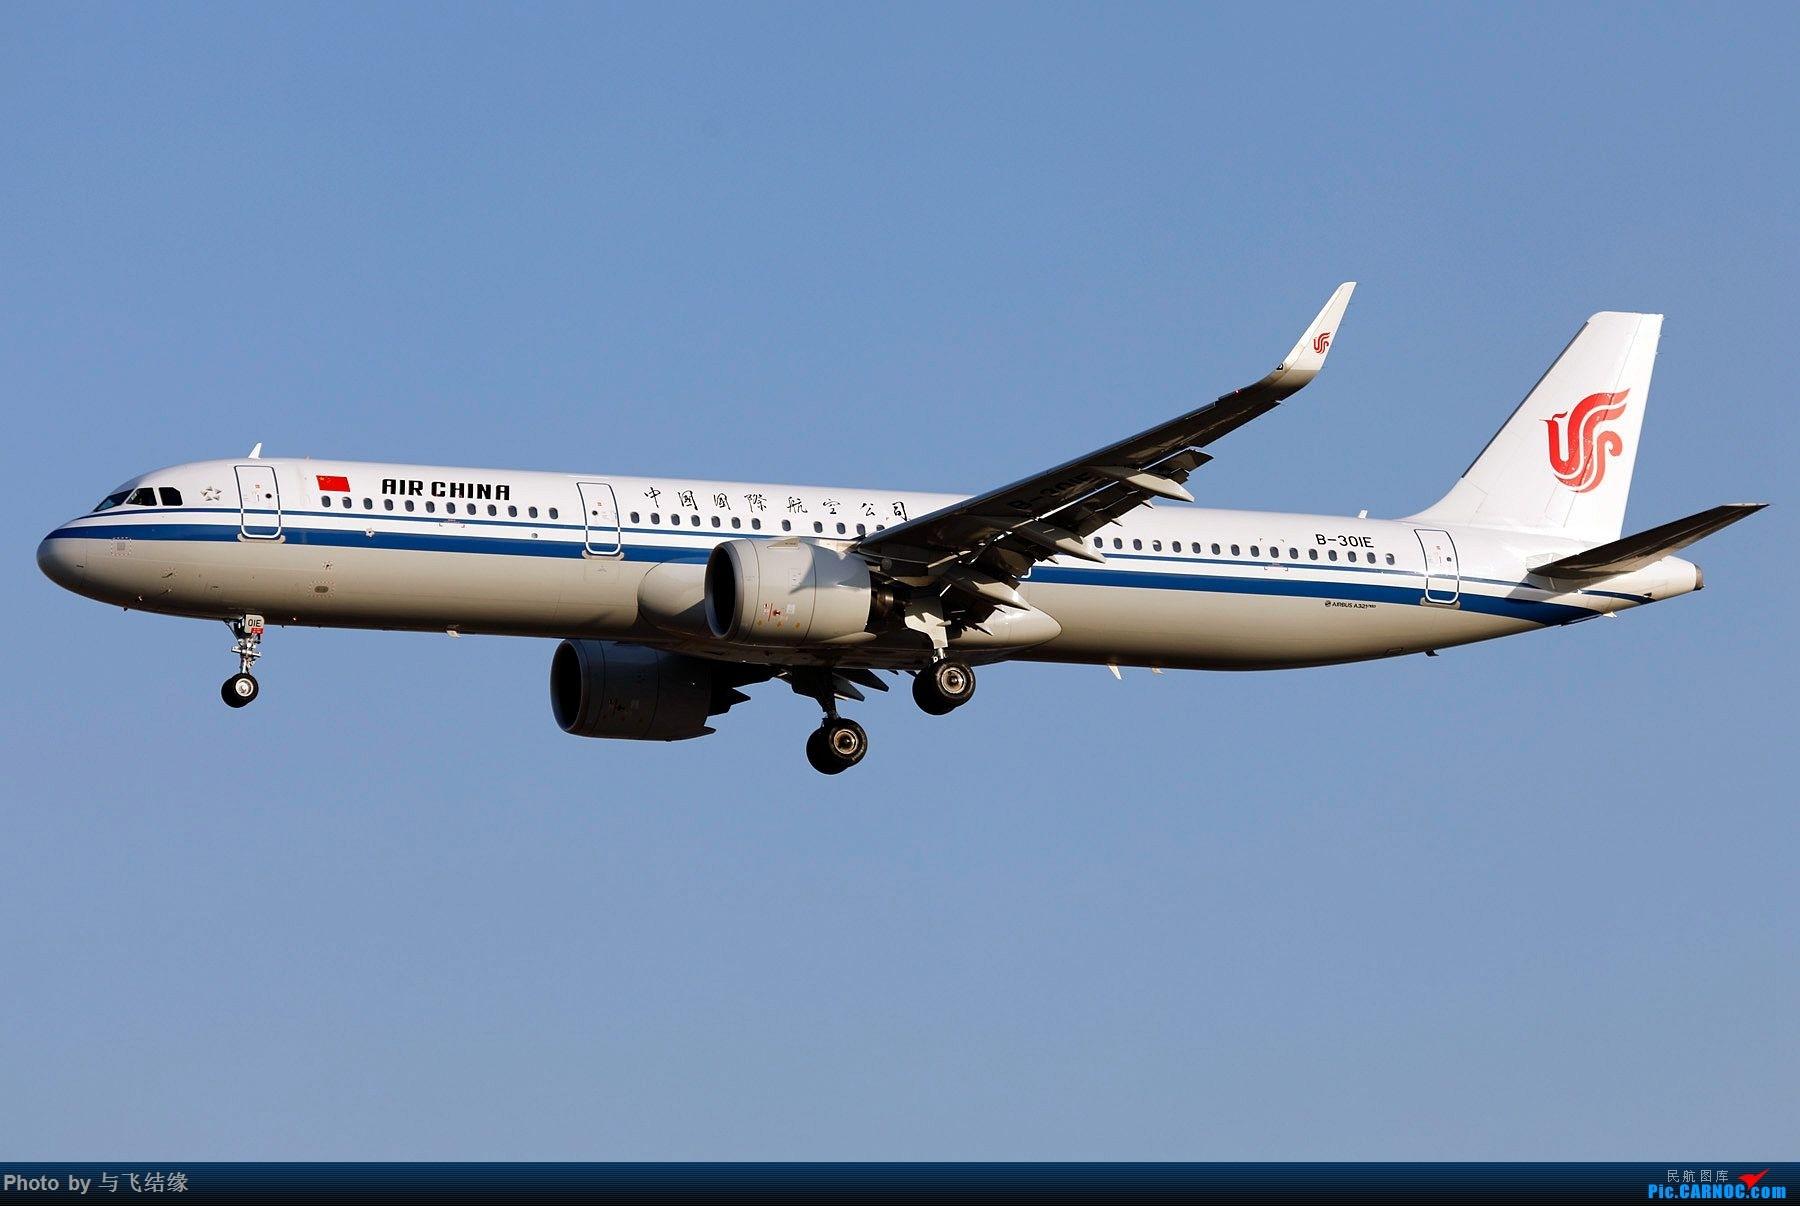 Re:[原创]近期的几张图,以空客为主吧。 AIRBUS A321NEO B-301E 中国北京首都国际机场